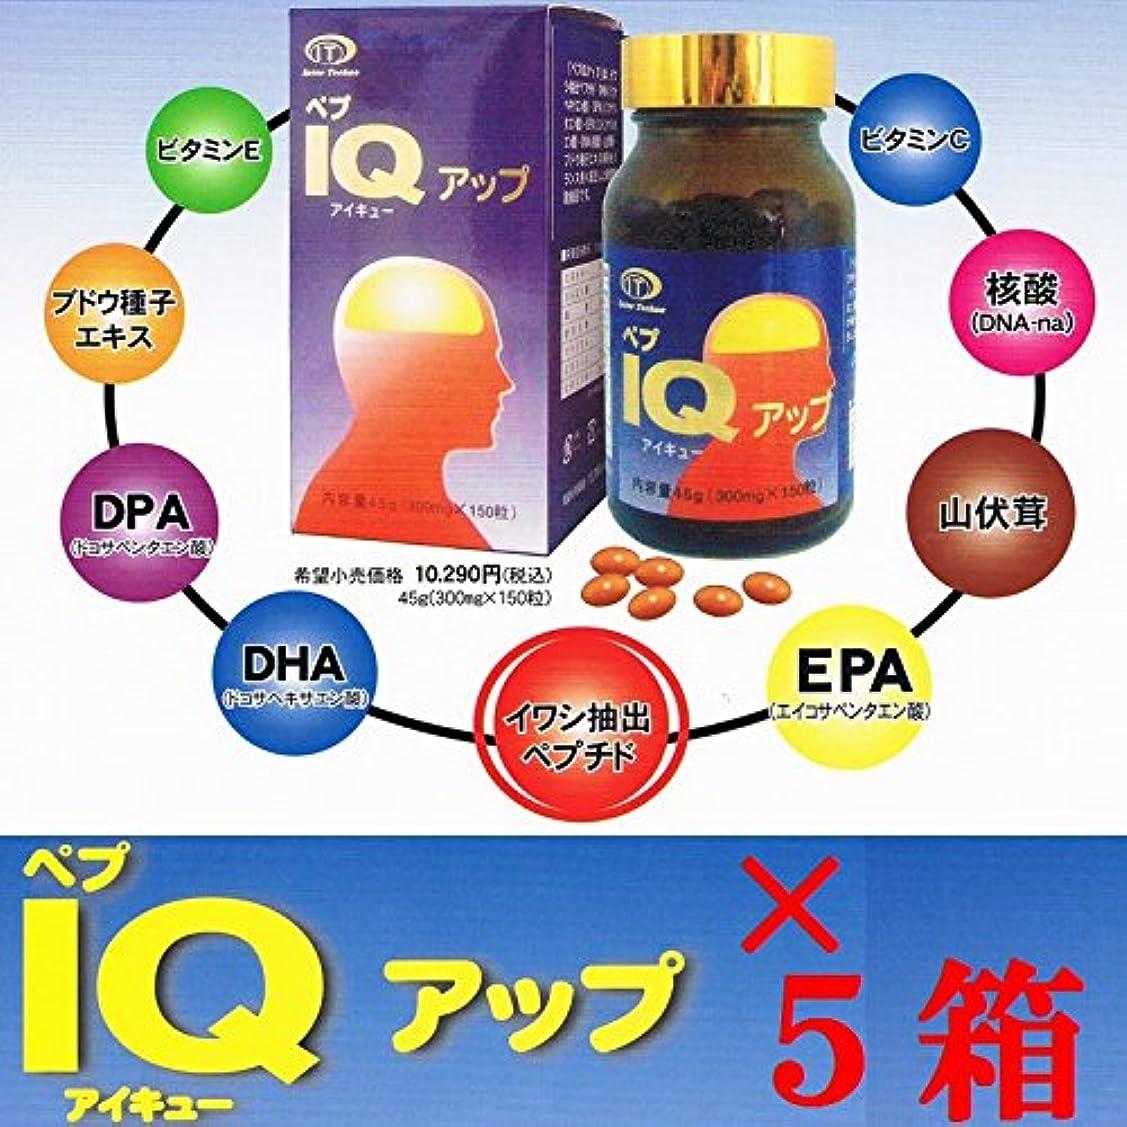 リファインスピリチュアル静かにペプIQアップ 150粒 ×超お得5箱セット 《記憶?思考、DHA、EPA》